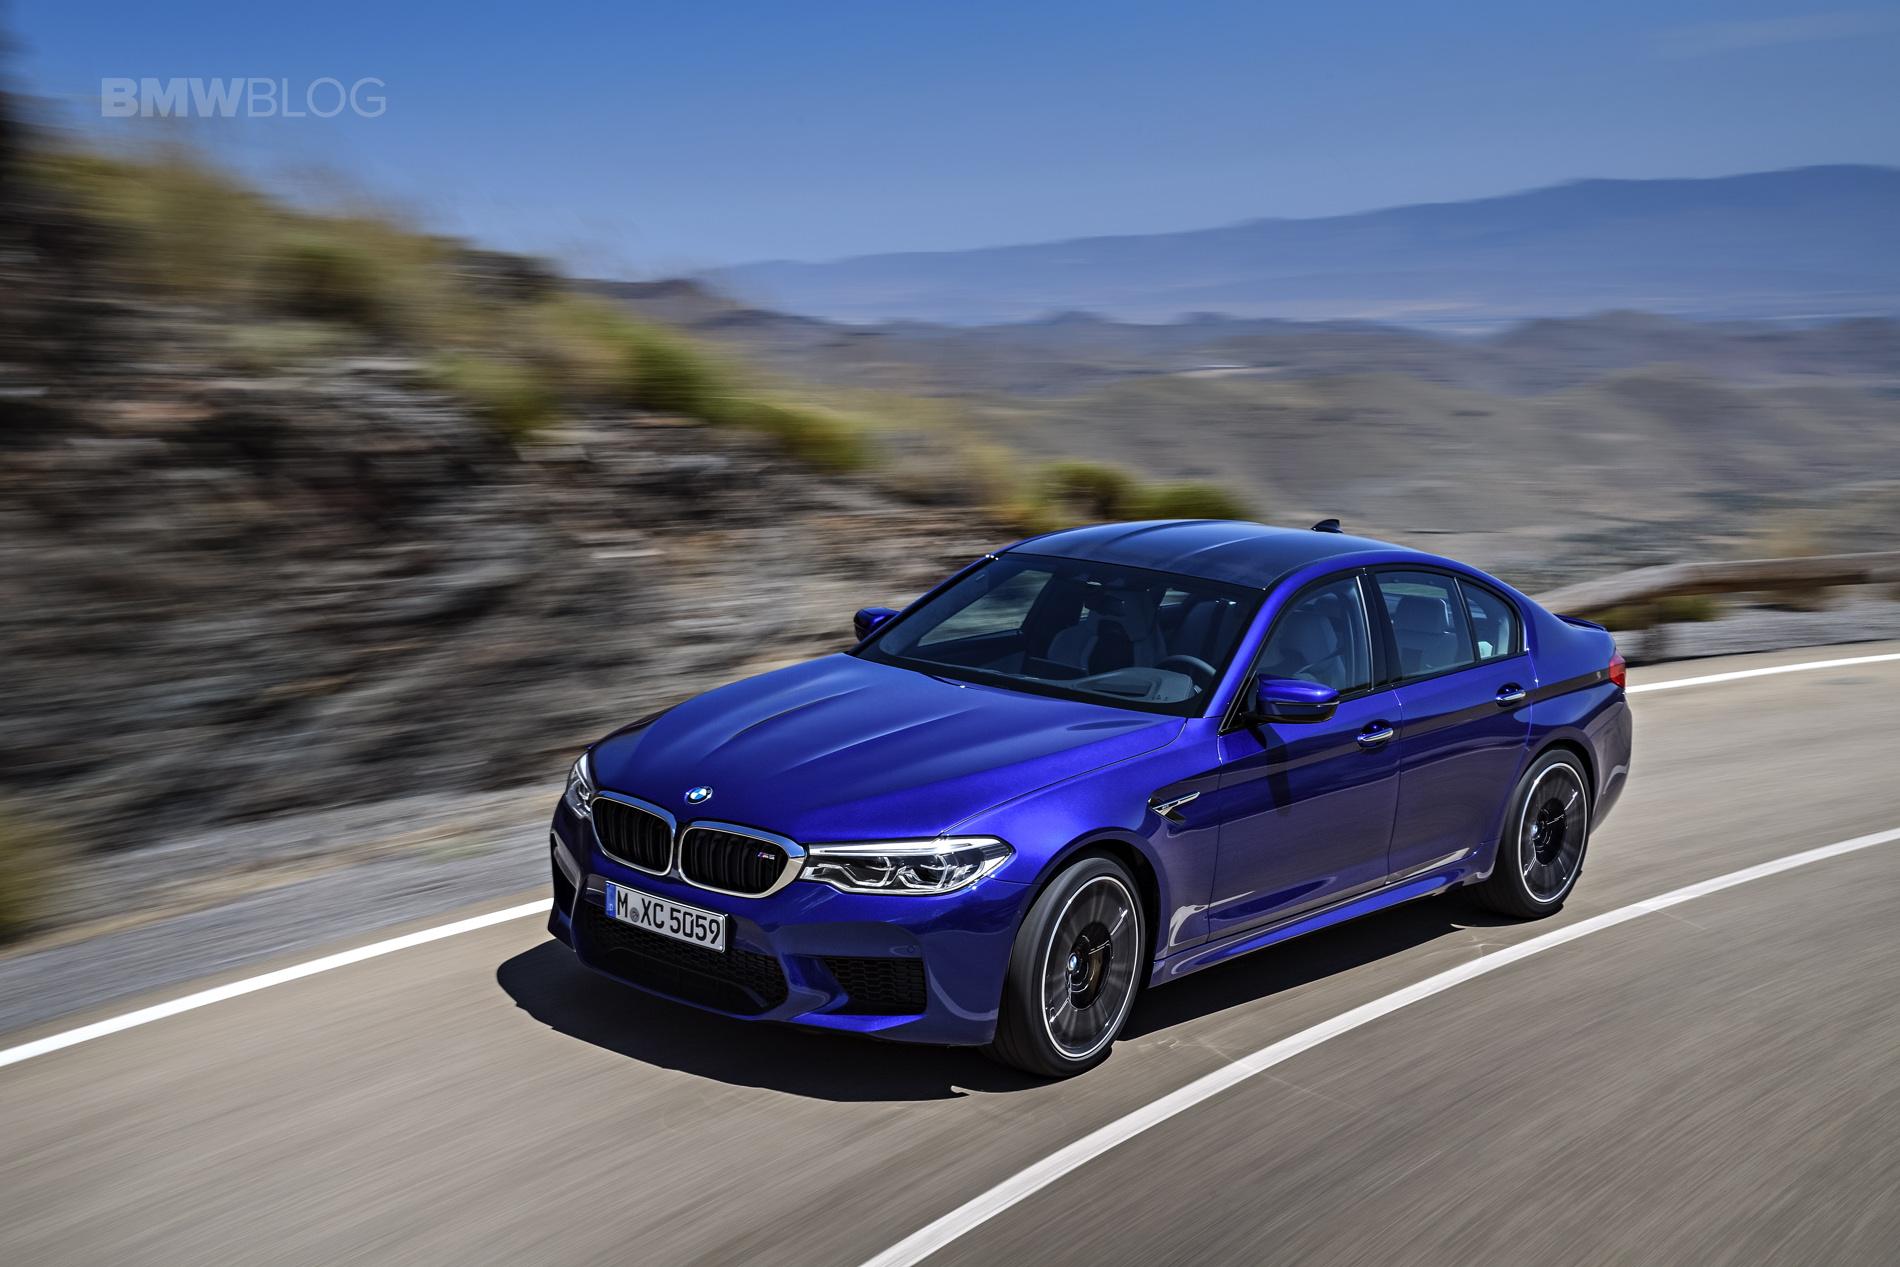 2018 BMW M5 exterior 16